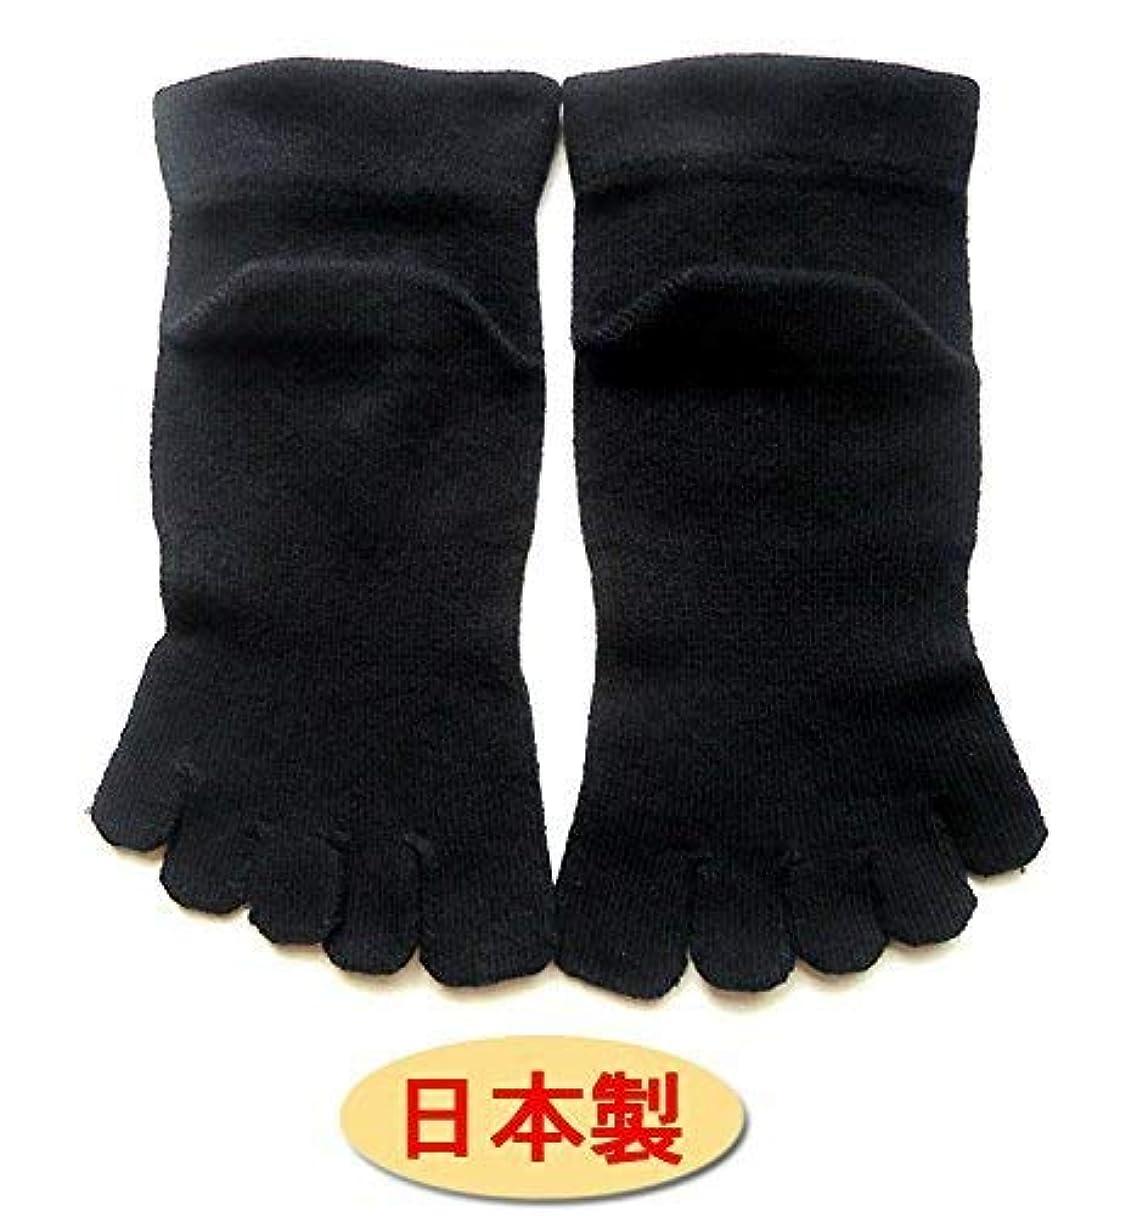 確立デコラティブシャイ日本製 5本指ソックス レディース 爽やか表綿100% 口ゴムゆったり 22-24cm 3足組(黒色)